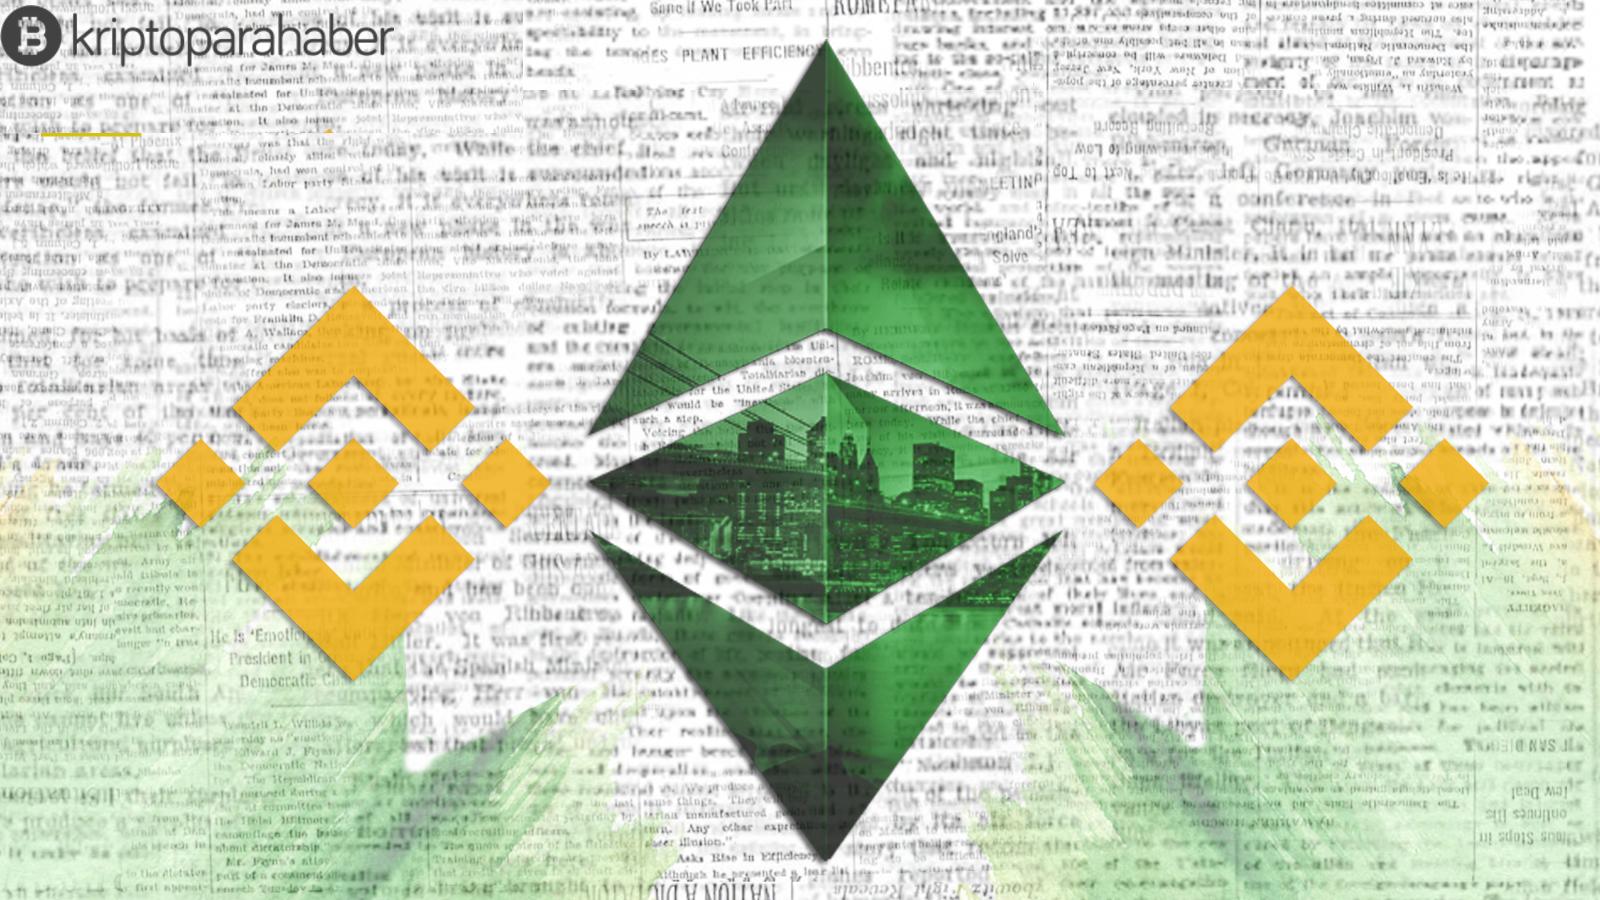 Ethereum Classic (ETC) Binance Coin'i sıralama olarak geride bıraktı